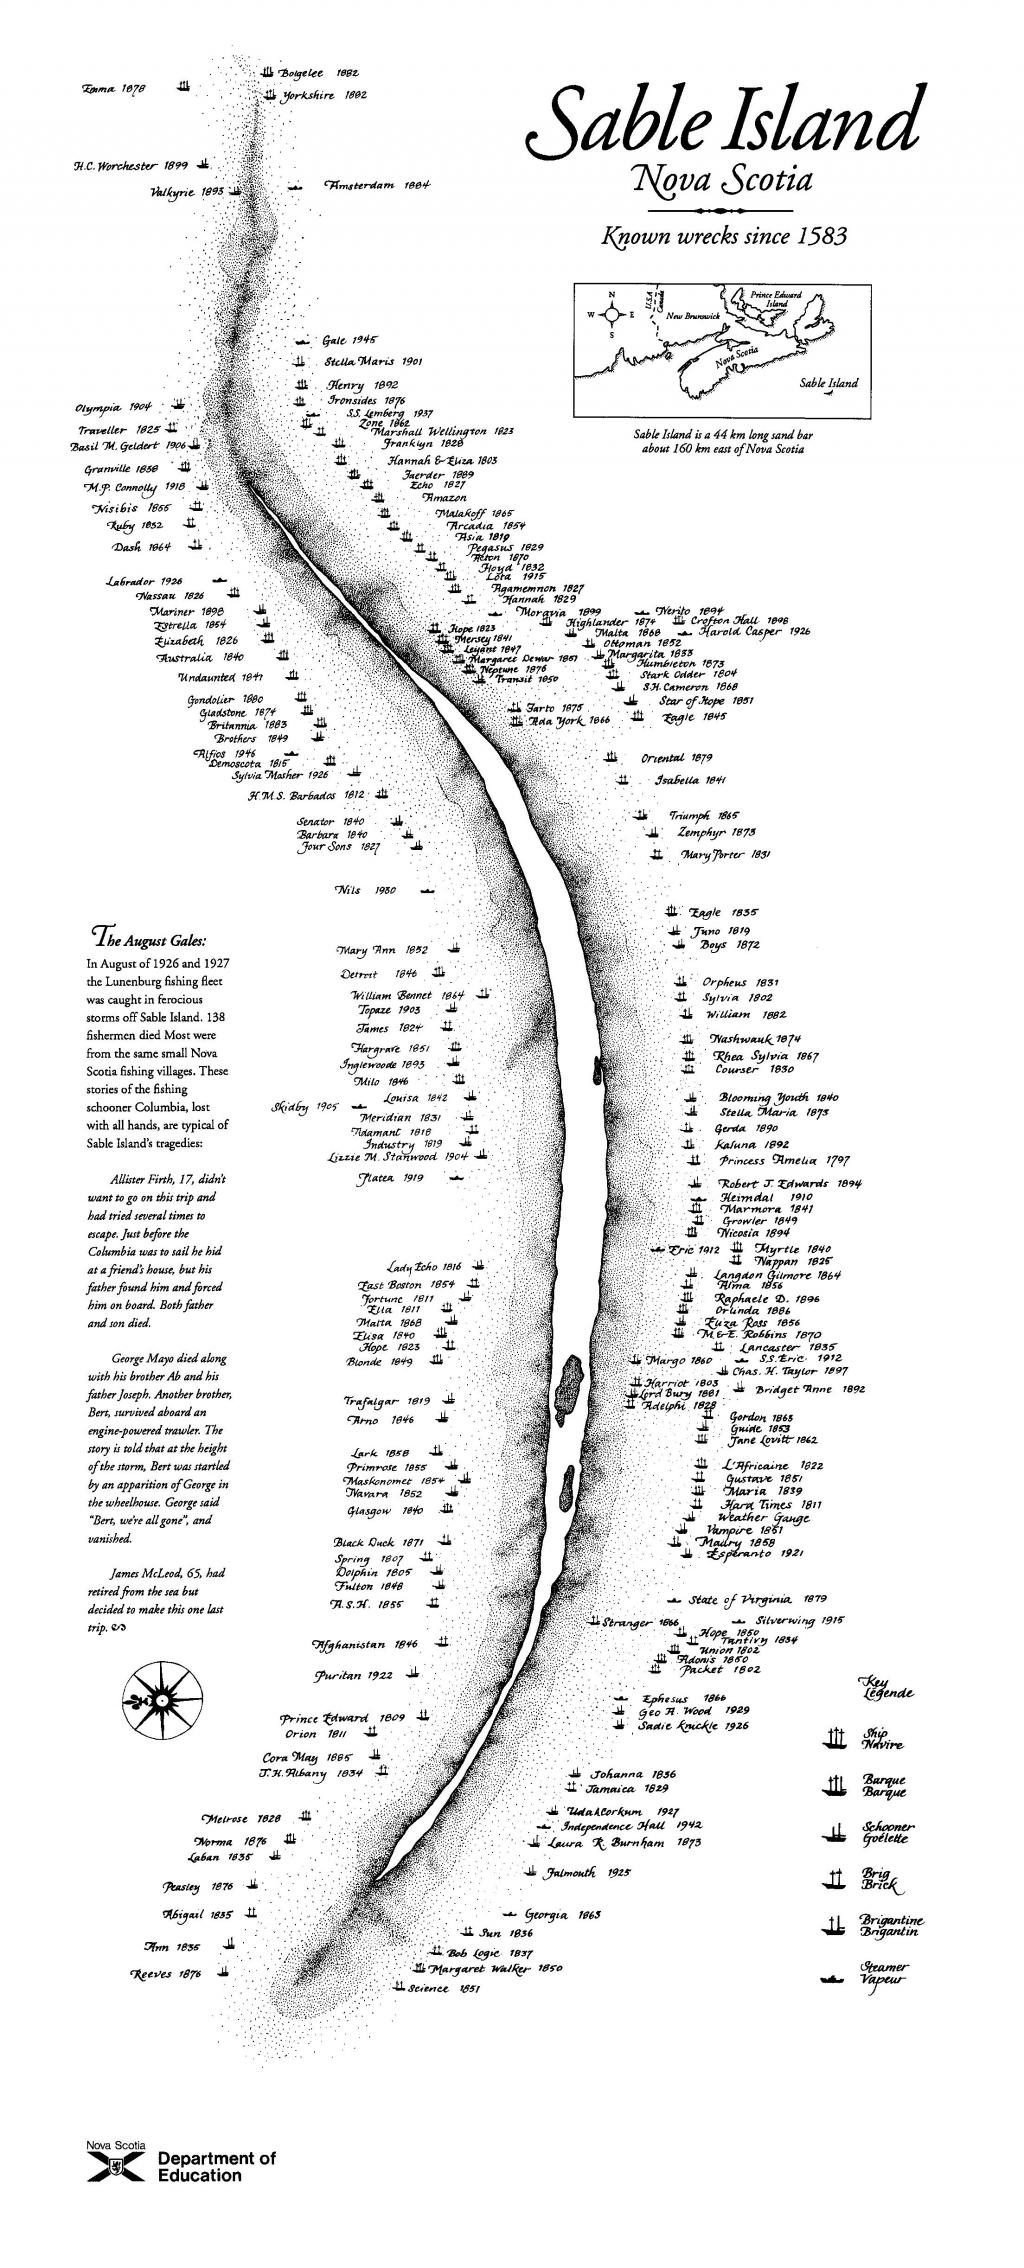 La carte des épaves de l'île de Sable